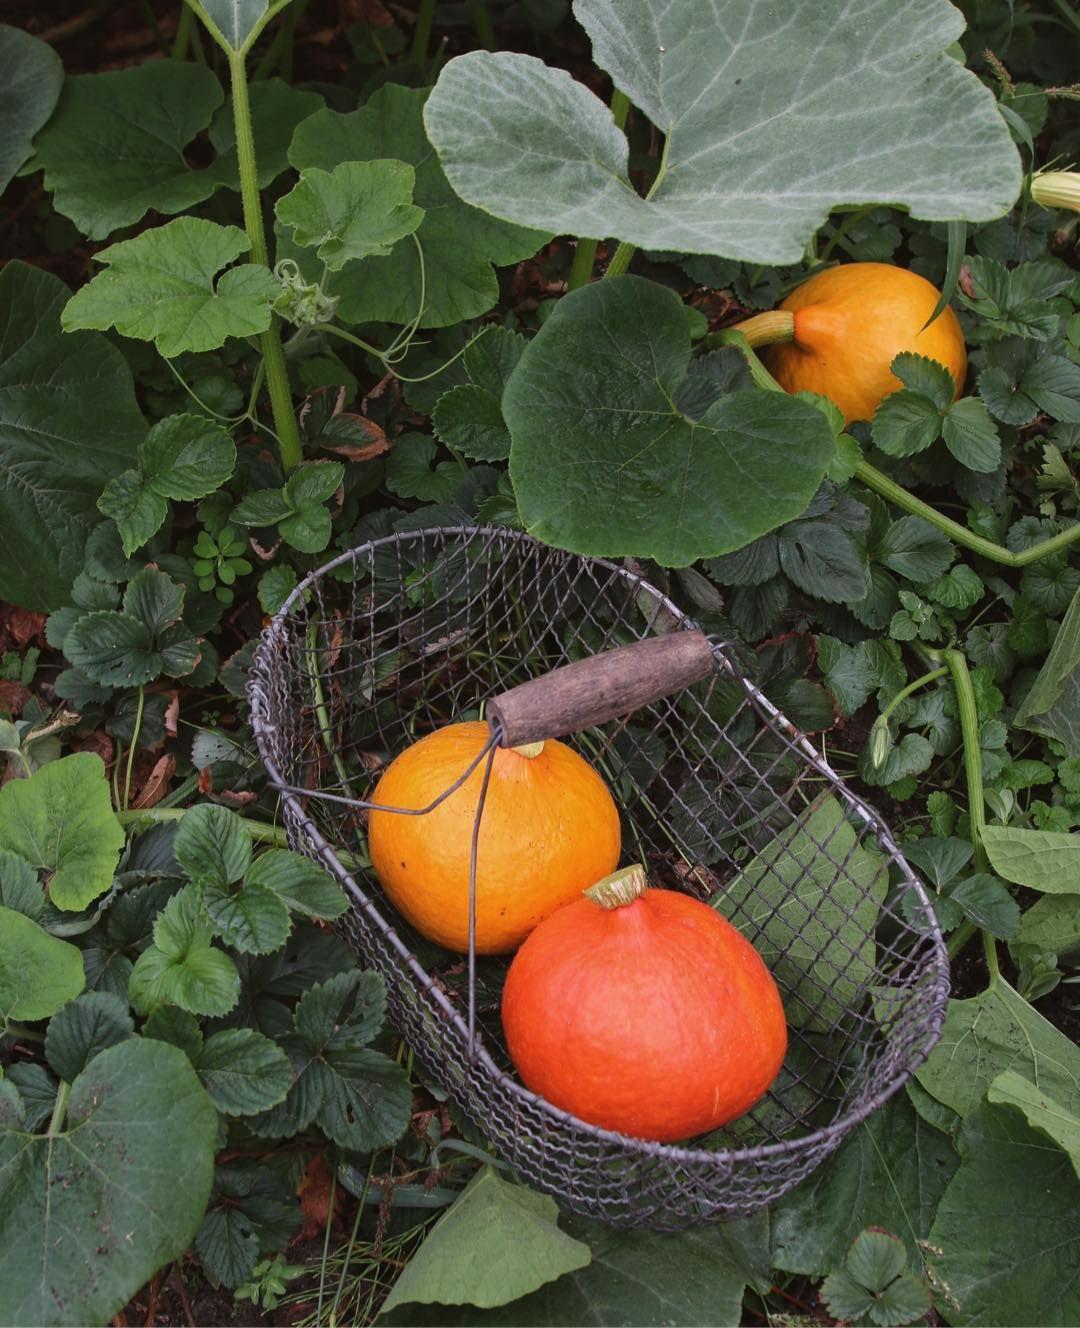 Kurbis Und Tomatenernte Am Fruhen Morgen Heute Ist Einkochtag Garten Landl Einkochen Ernte Tomaten